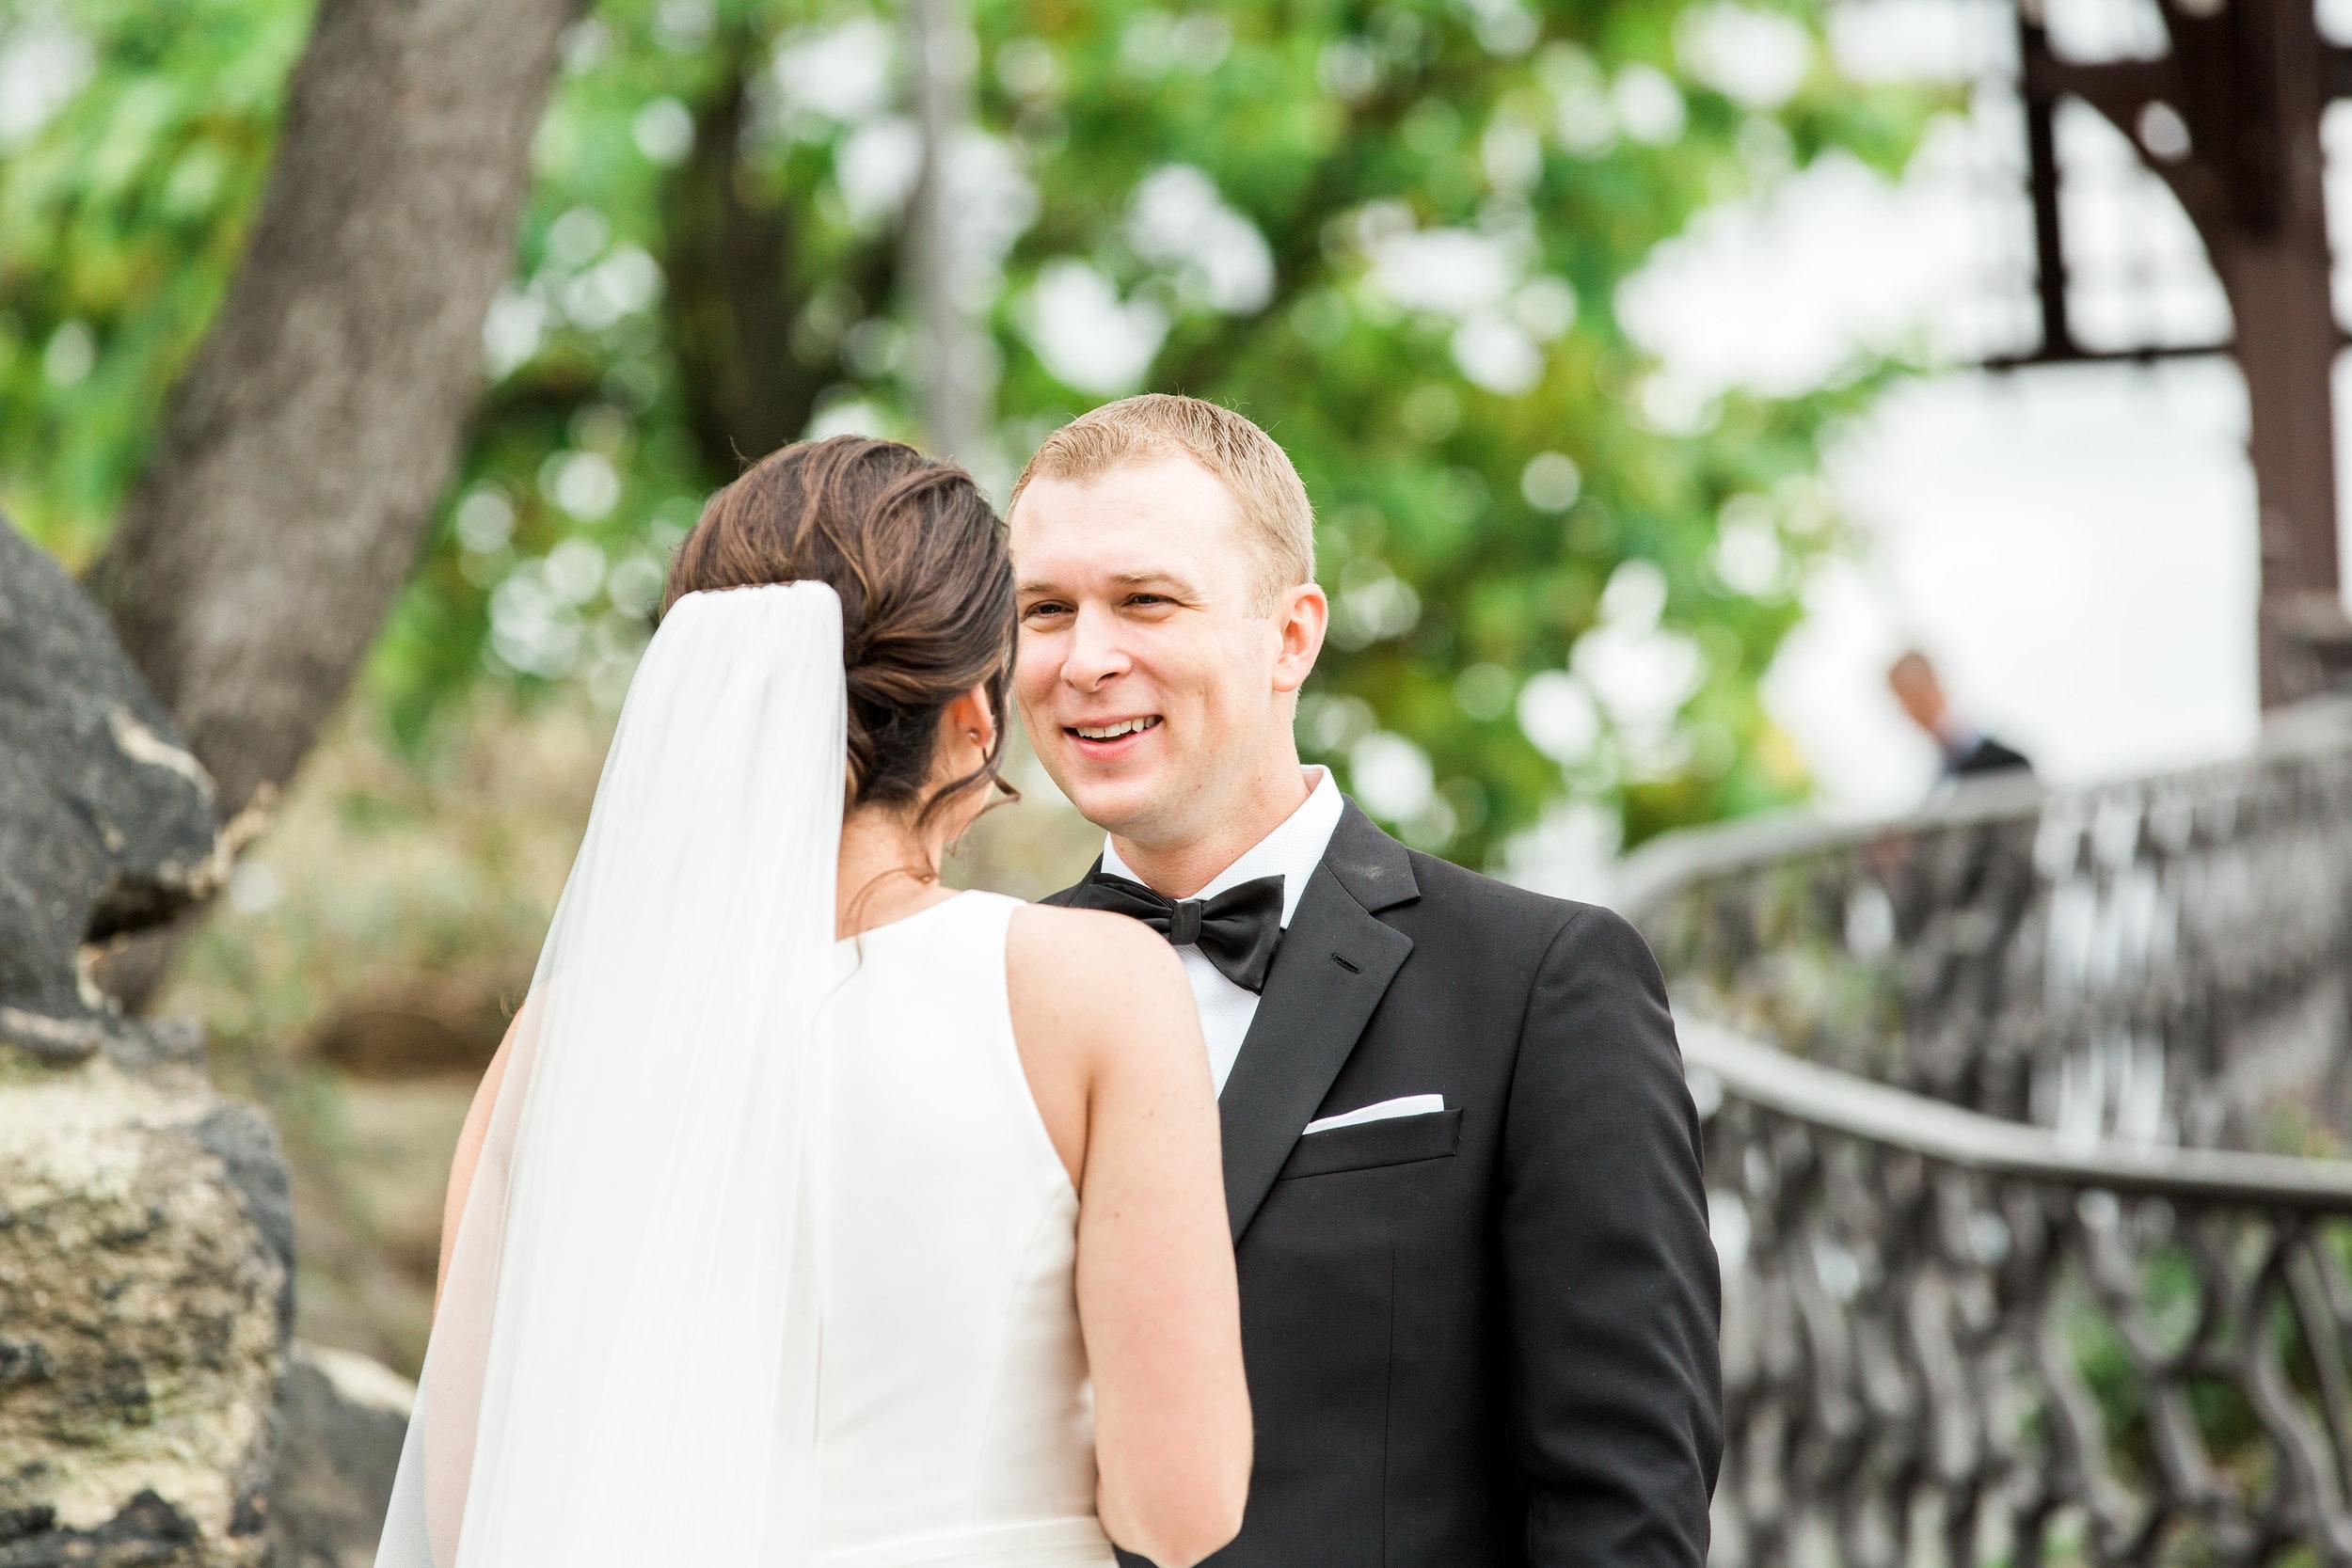 Hudson-Nichols-Black-Tie-Bride-Philadelphia-Waterworks-Wedding-Bride-Groom-Portraits08.jpg